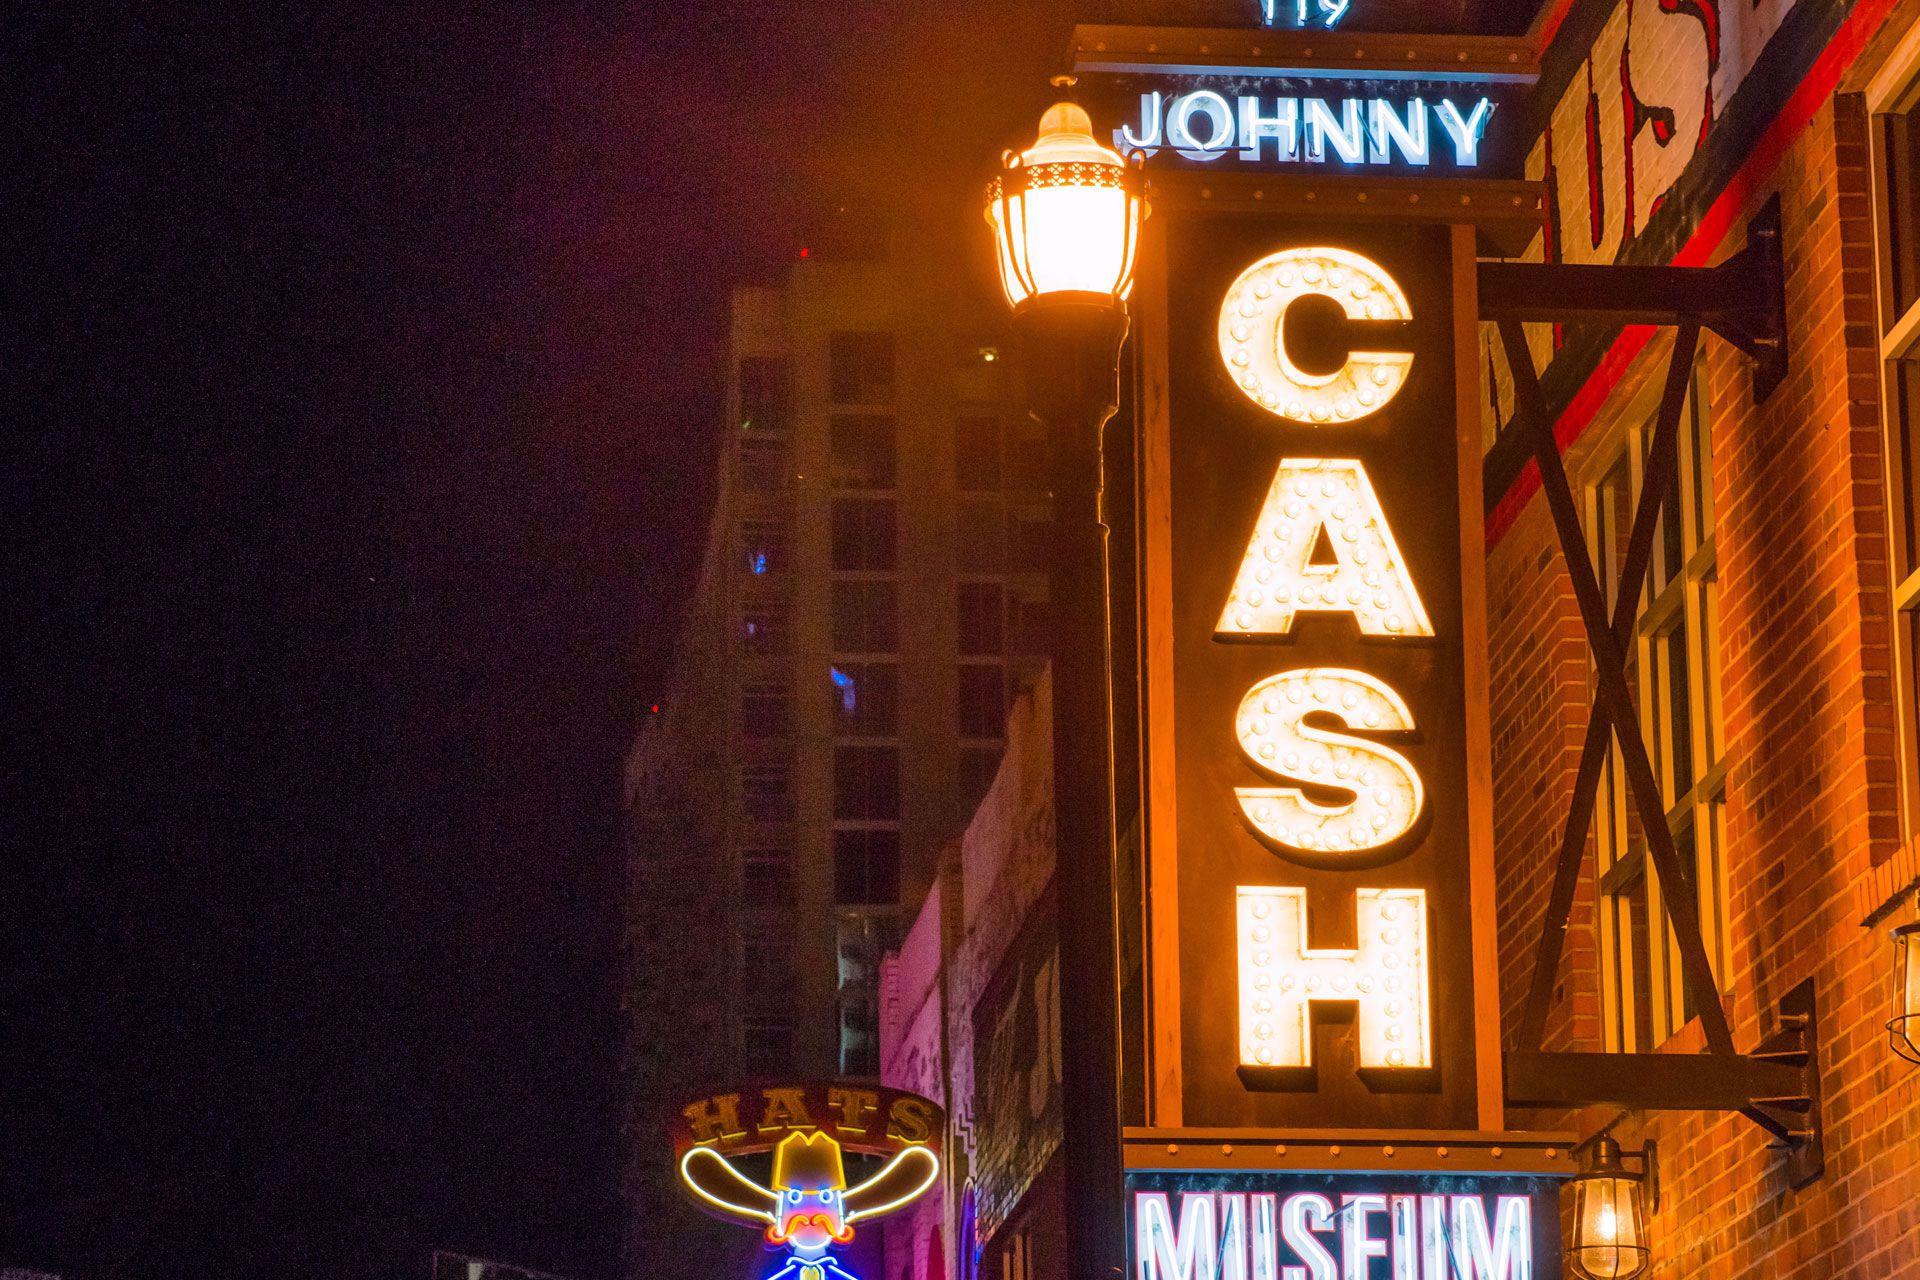 See Nashville's notable landmarks illuminated